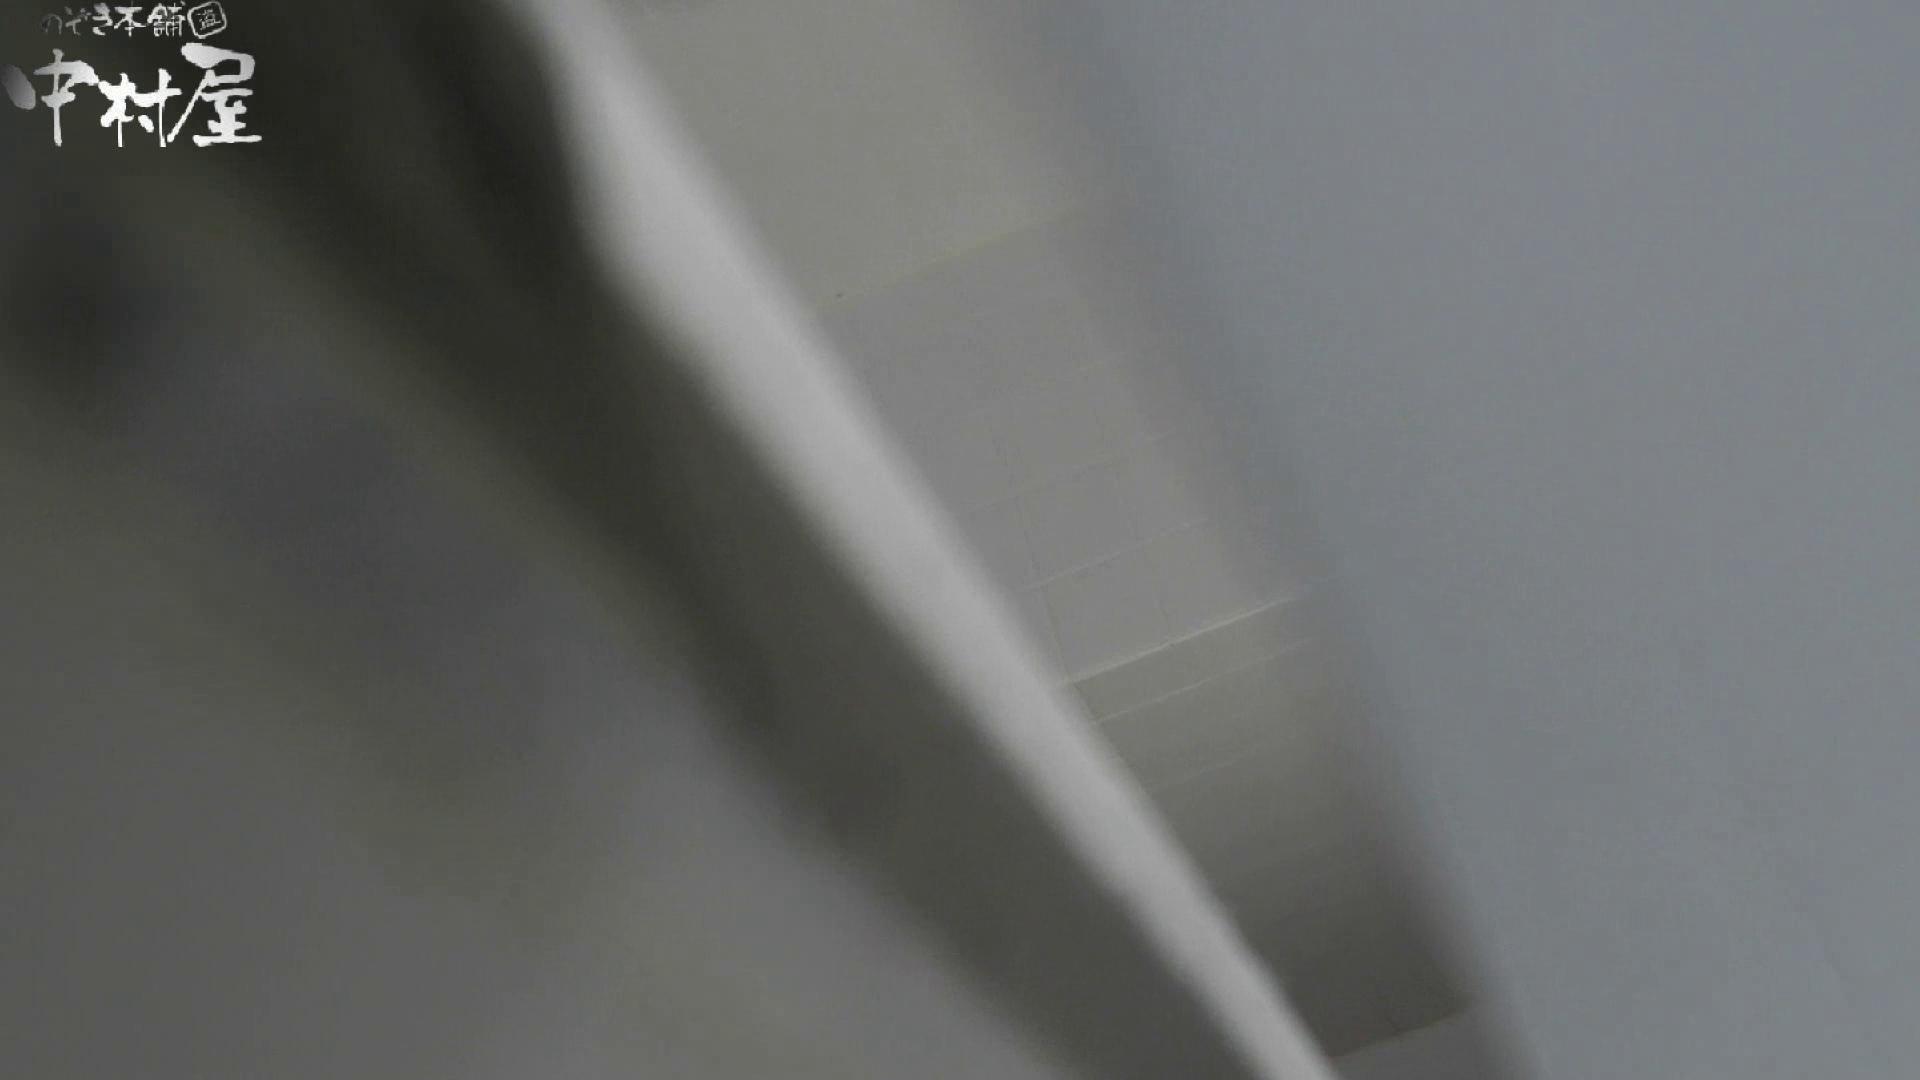 【お銀さんの「洗面所突入レポート!!」】お銀さんの「洗面所突入レポート!!」 vol.29 ∑(゚Д゚)アッ! 0  58連発 55